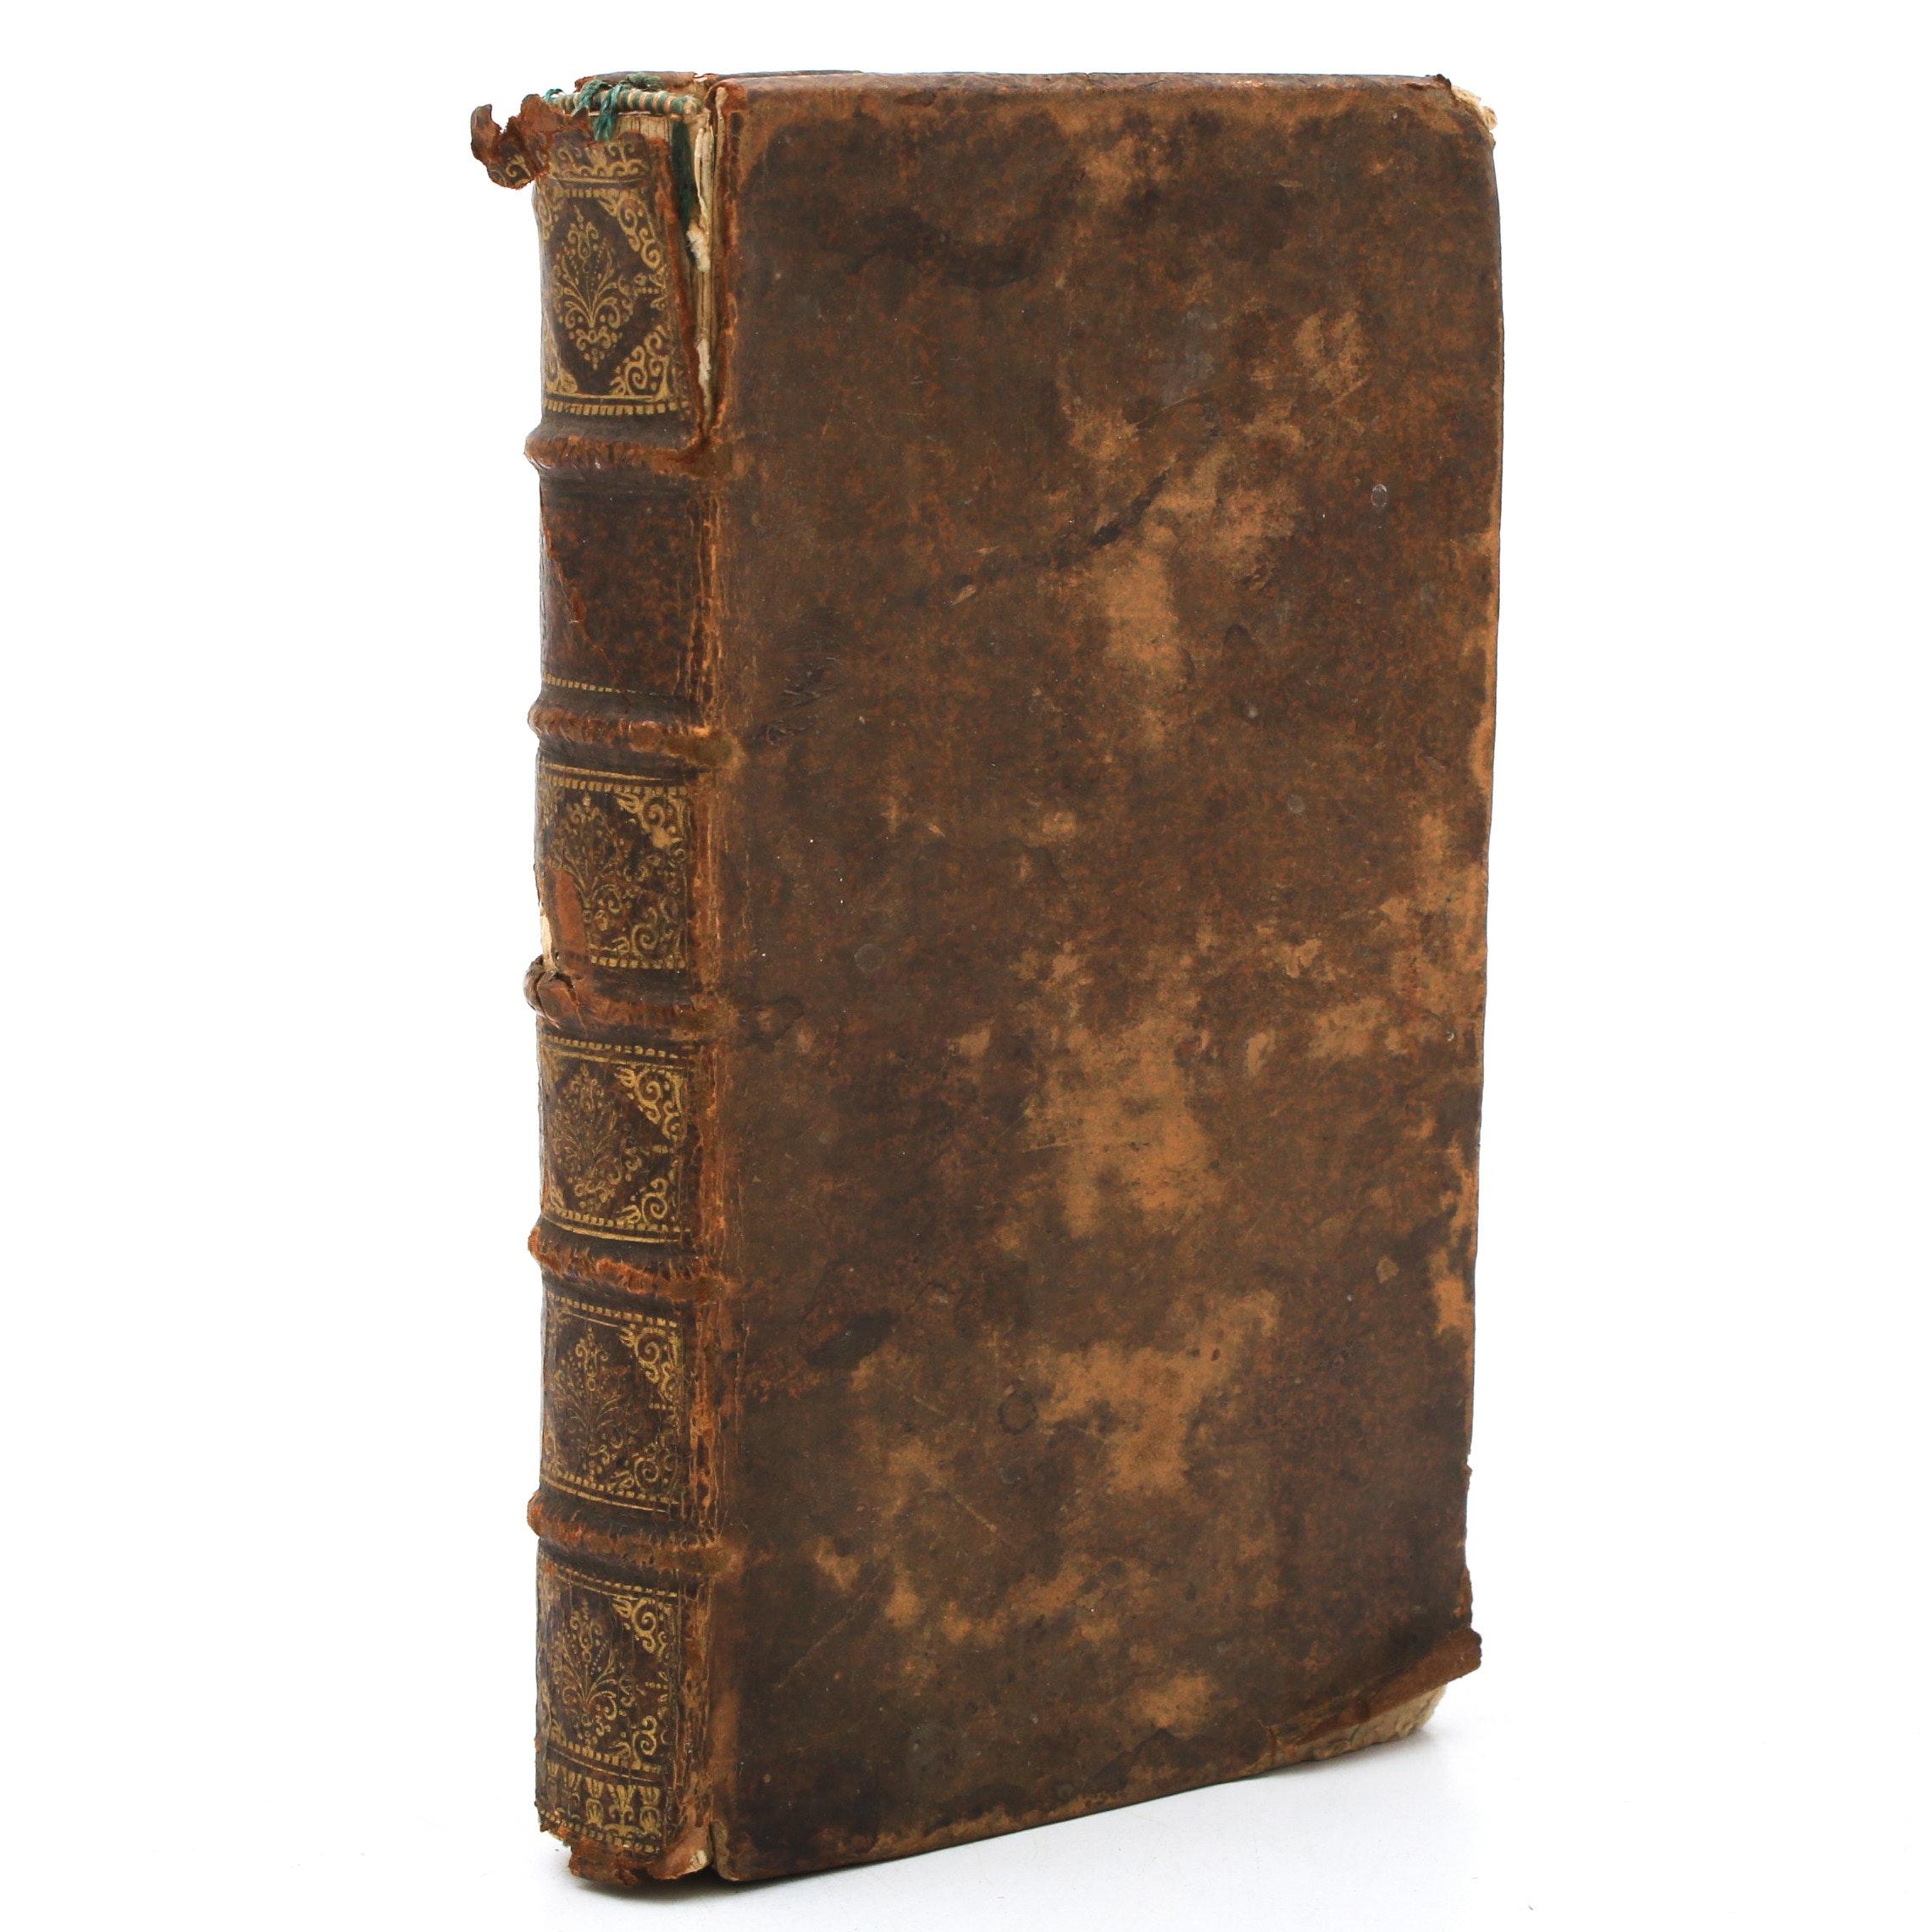 """1698 """"Poeme de S. Prosper Contre Les Ingrats"""" by Prosper of Aquitaine"""